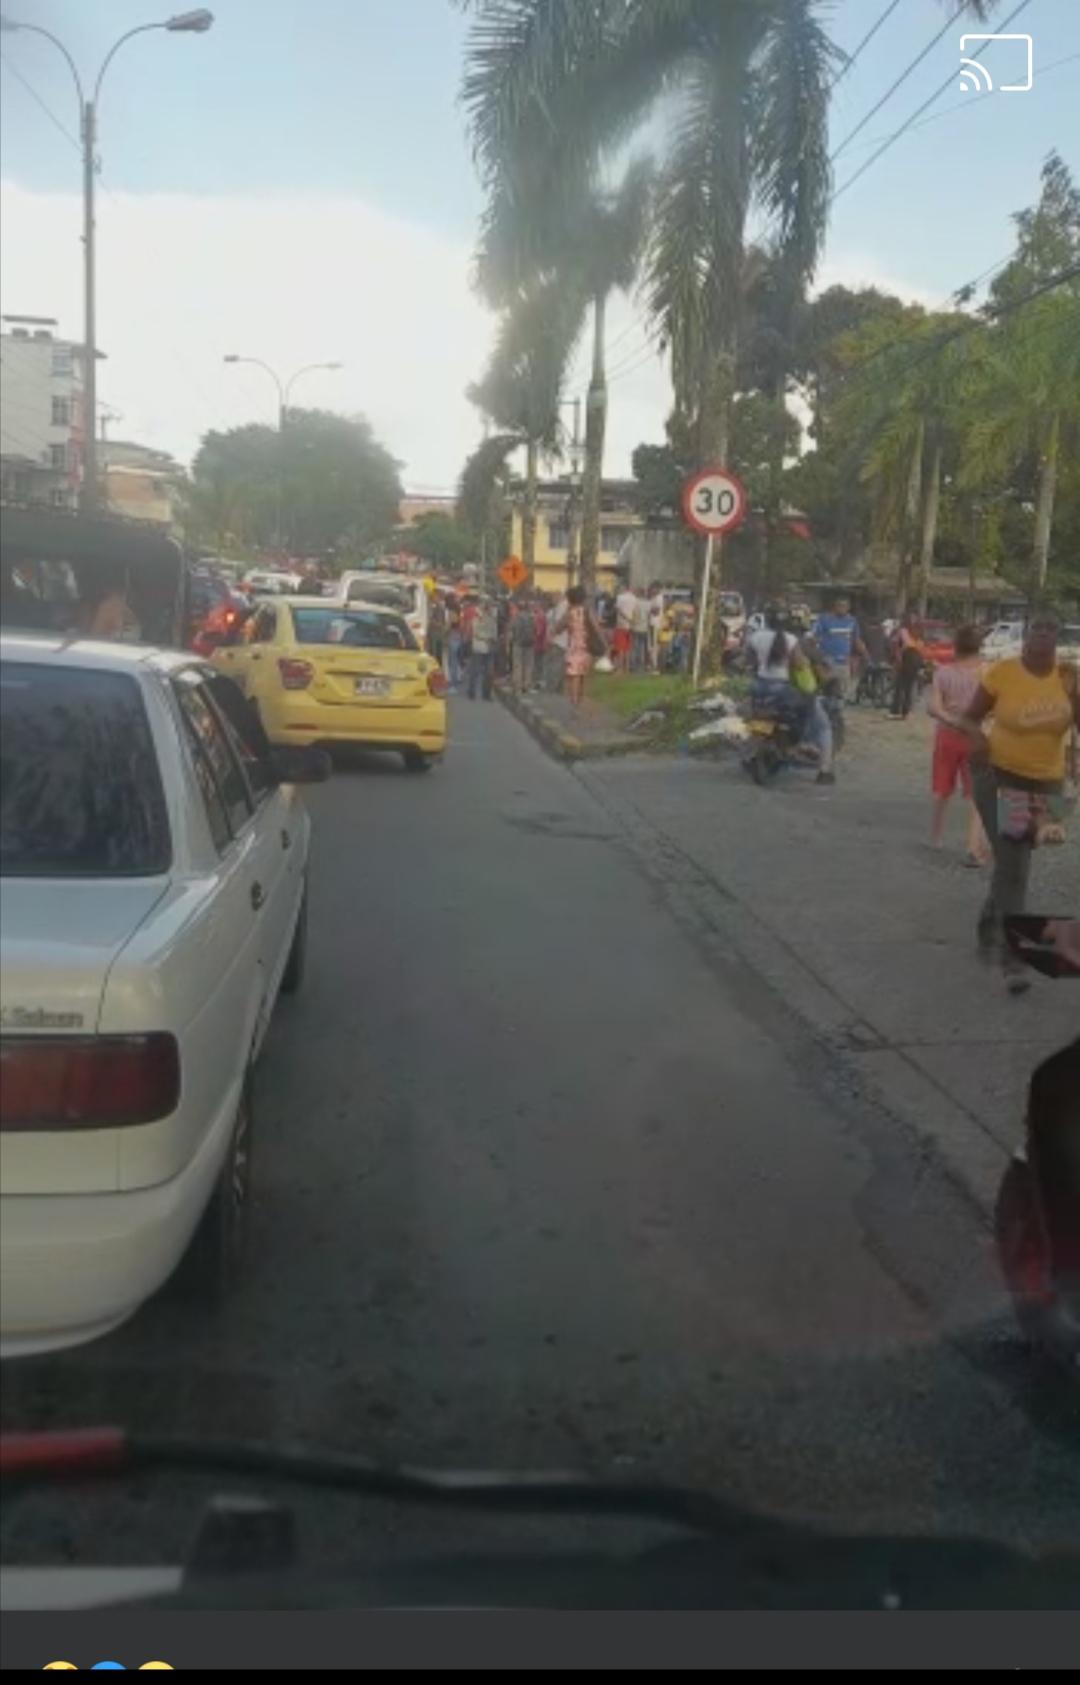 Un hombre sufrió un atentado mientras se movilizaba en un vehículo público en Buenaventura|